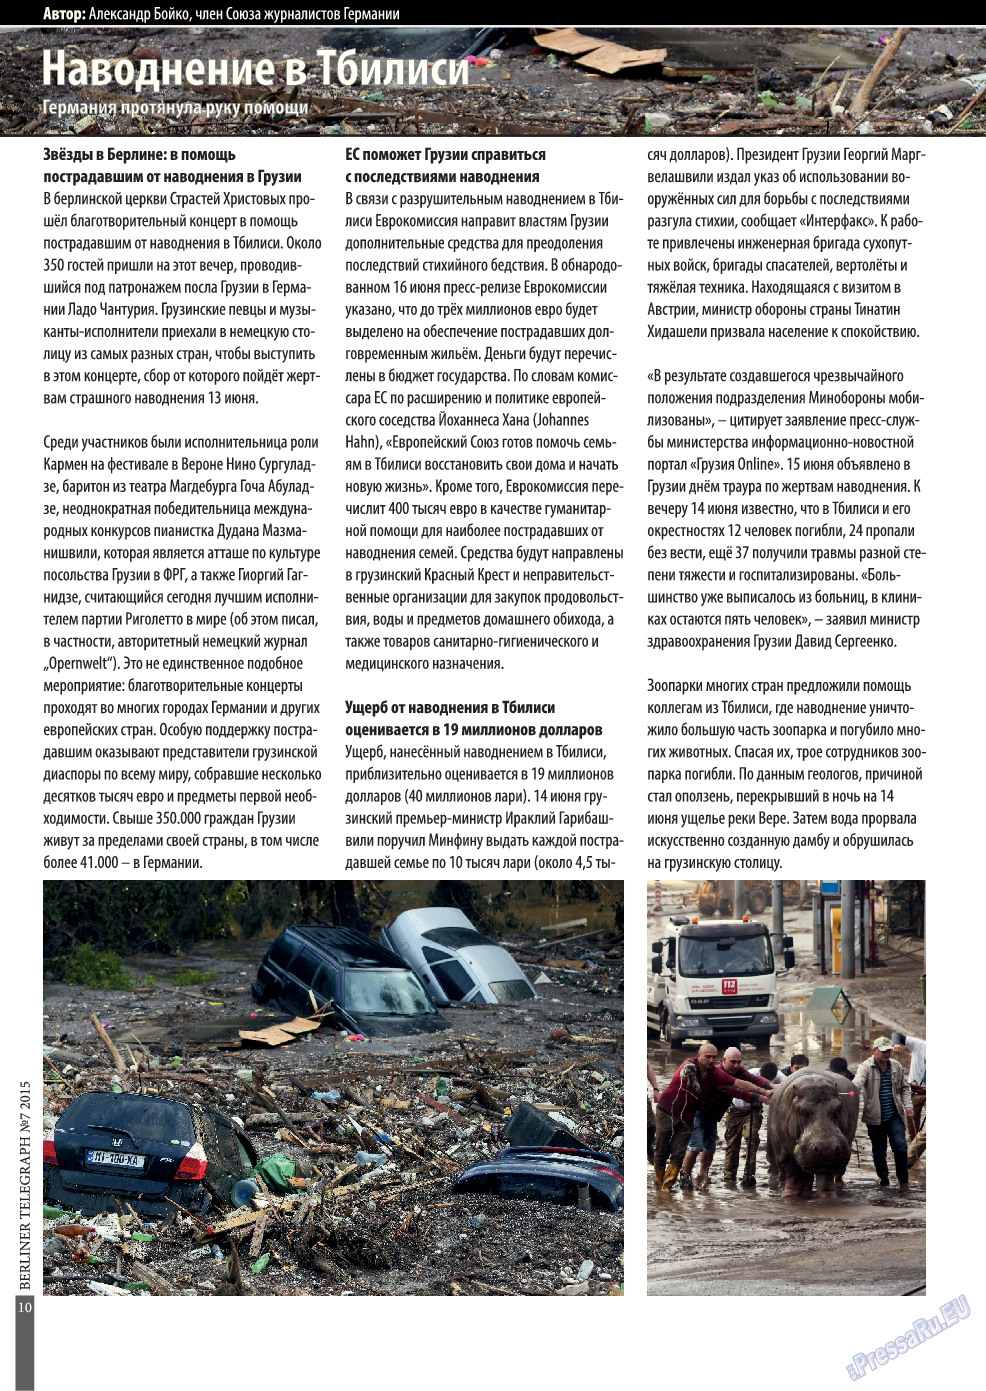 Берлинский телеграф (журнал). 2015 год, номер 8, стр. 10